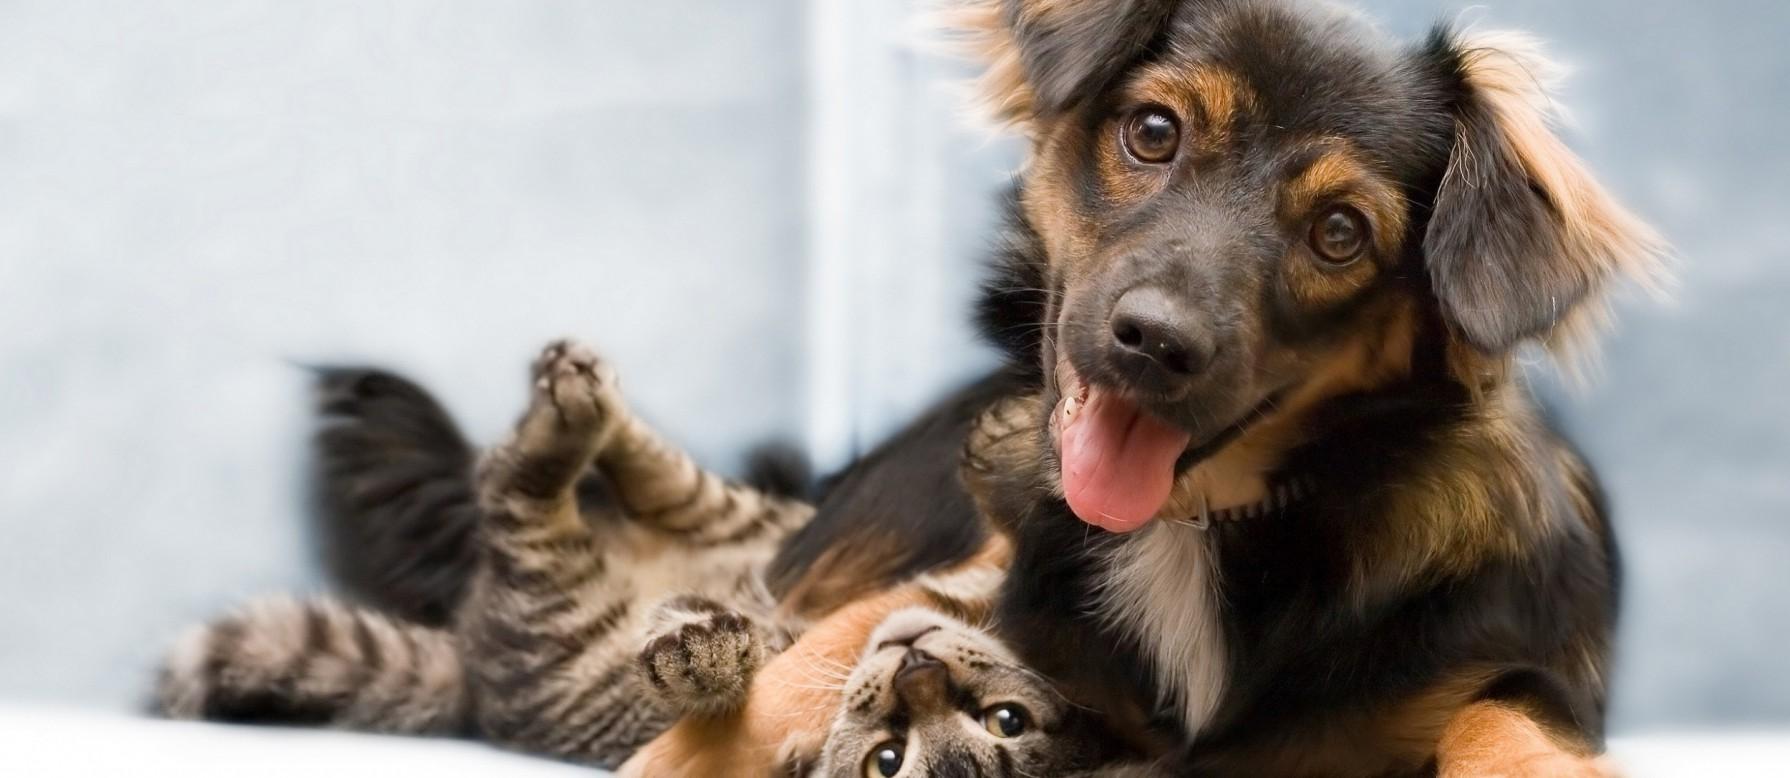 977983_6986681-dog-cat-friends